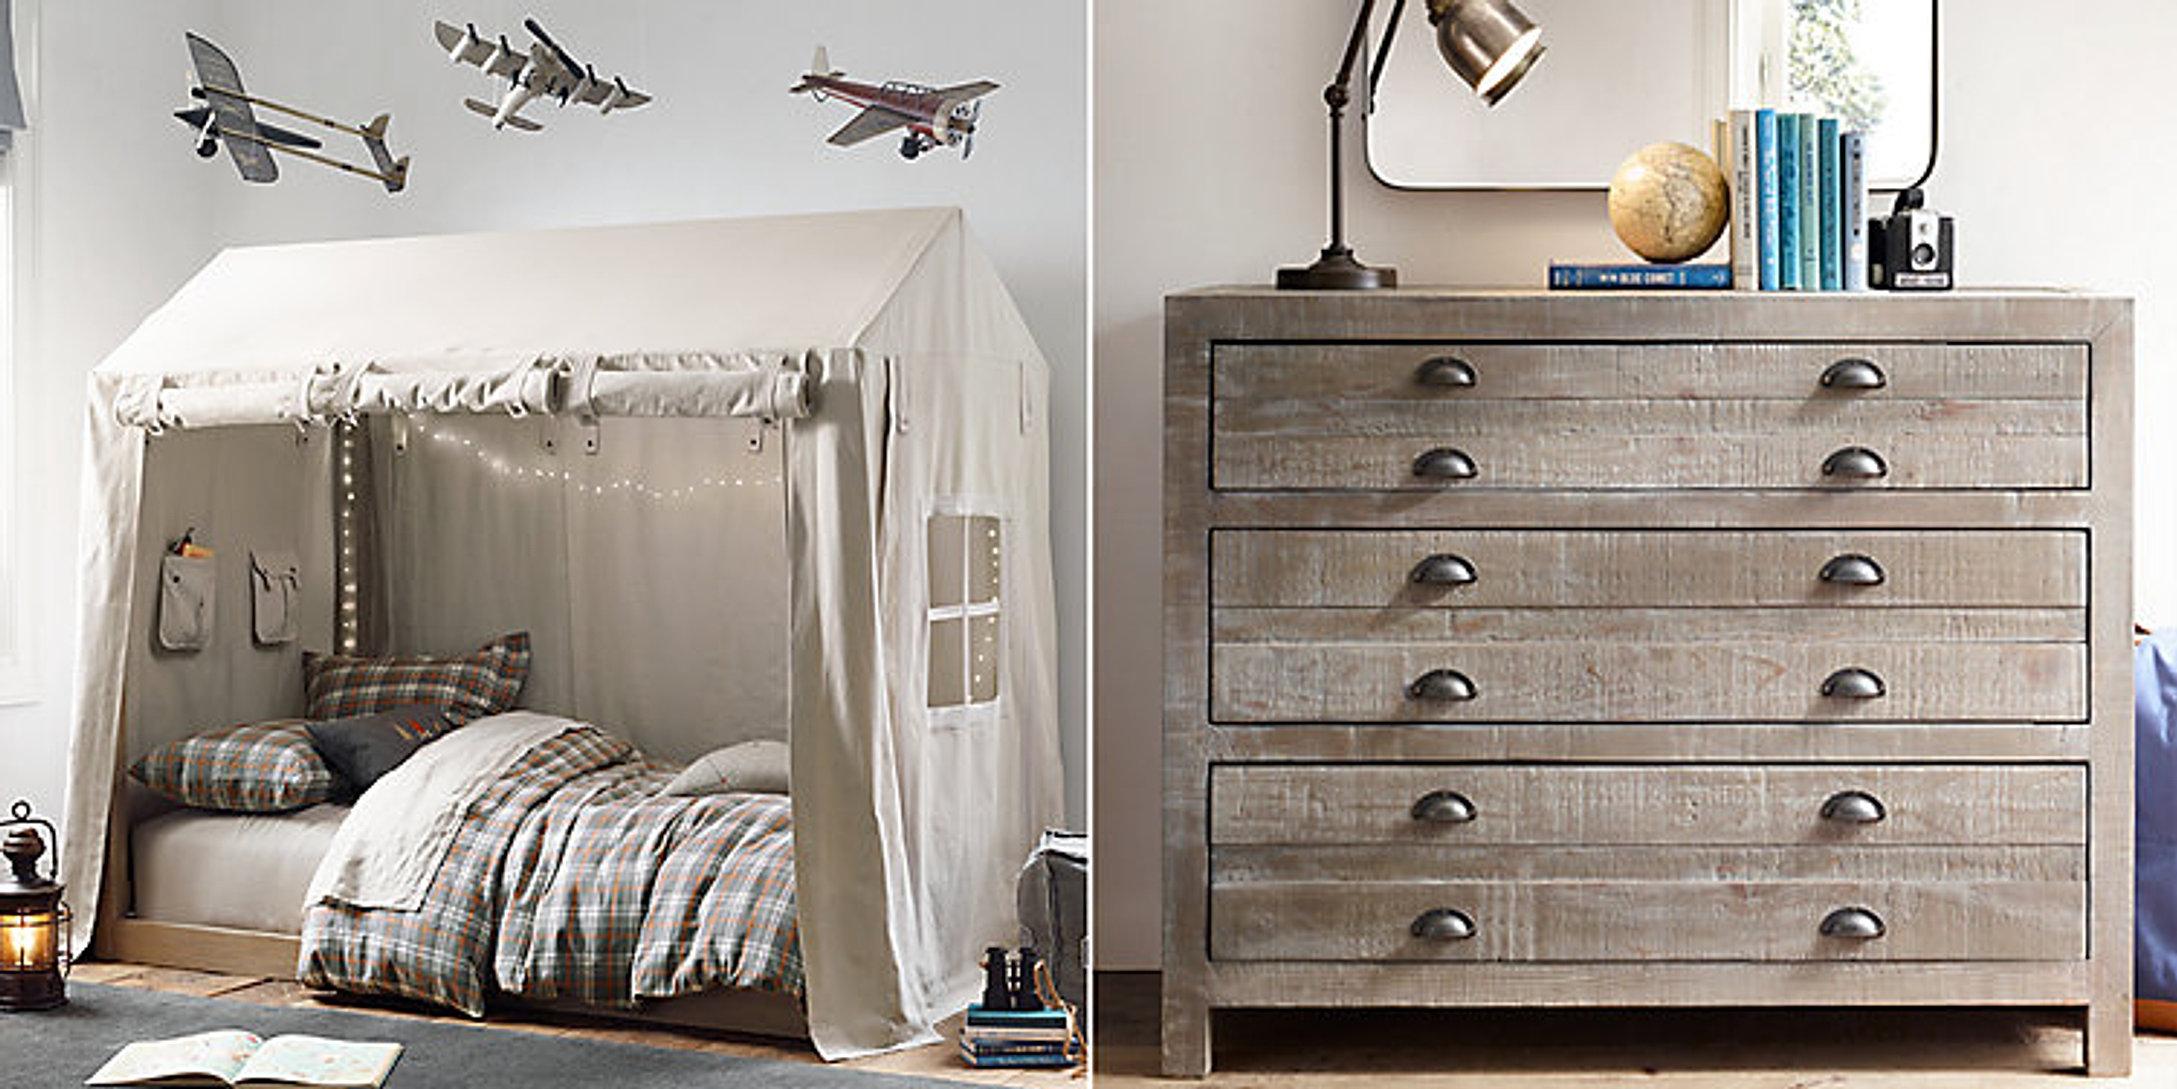 Dormitoros juveniles e infantiles con encanto - Dormitorios infantiles con encanto ...